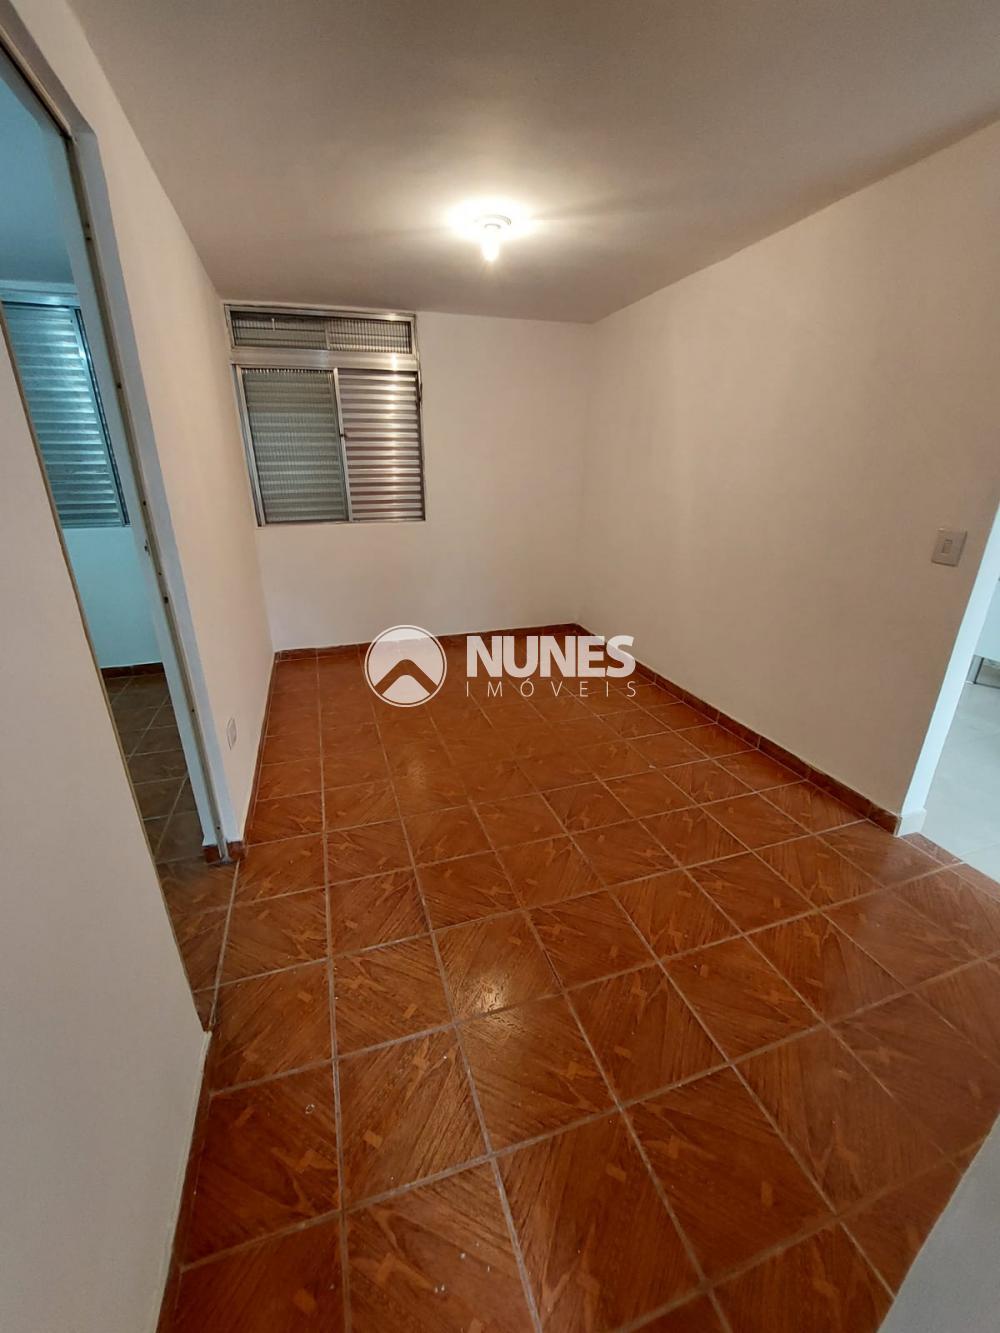 Comprar Apartamento / Padrão em Carapicuíba R$ 135.000,00 - Foto 3